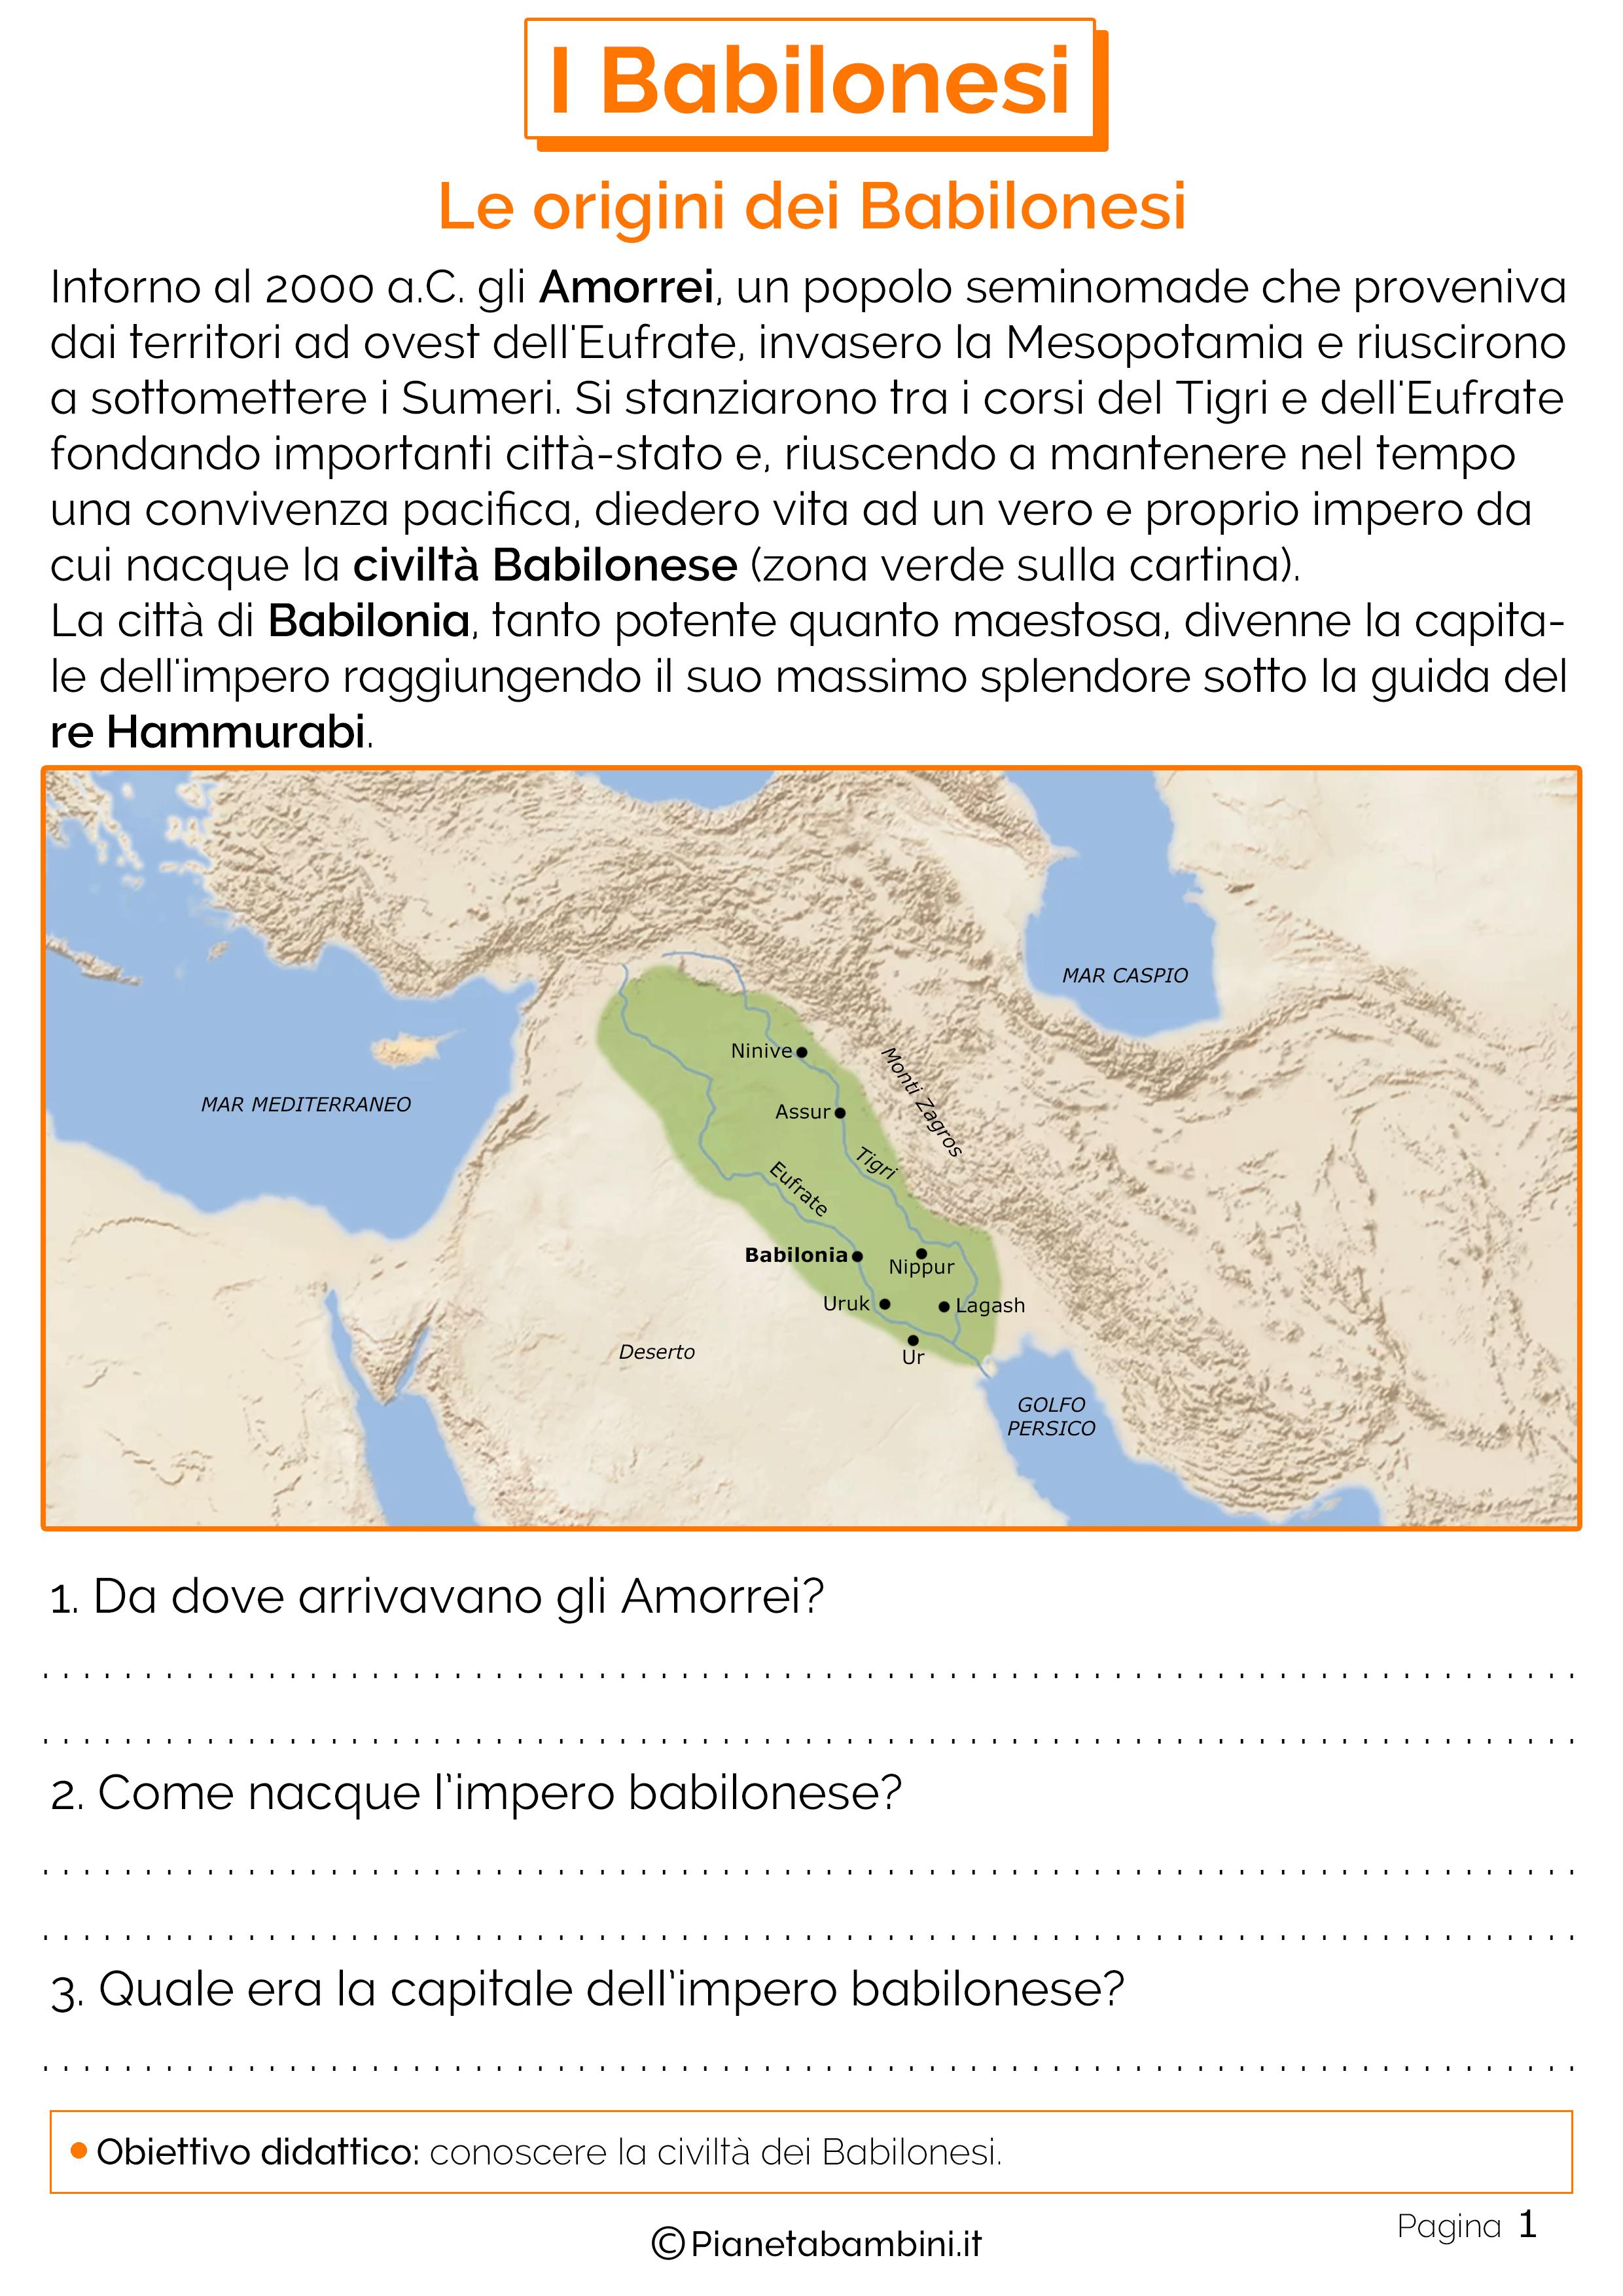 Schede didattiche sulle origini dei Babilonesi